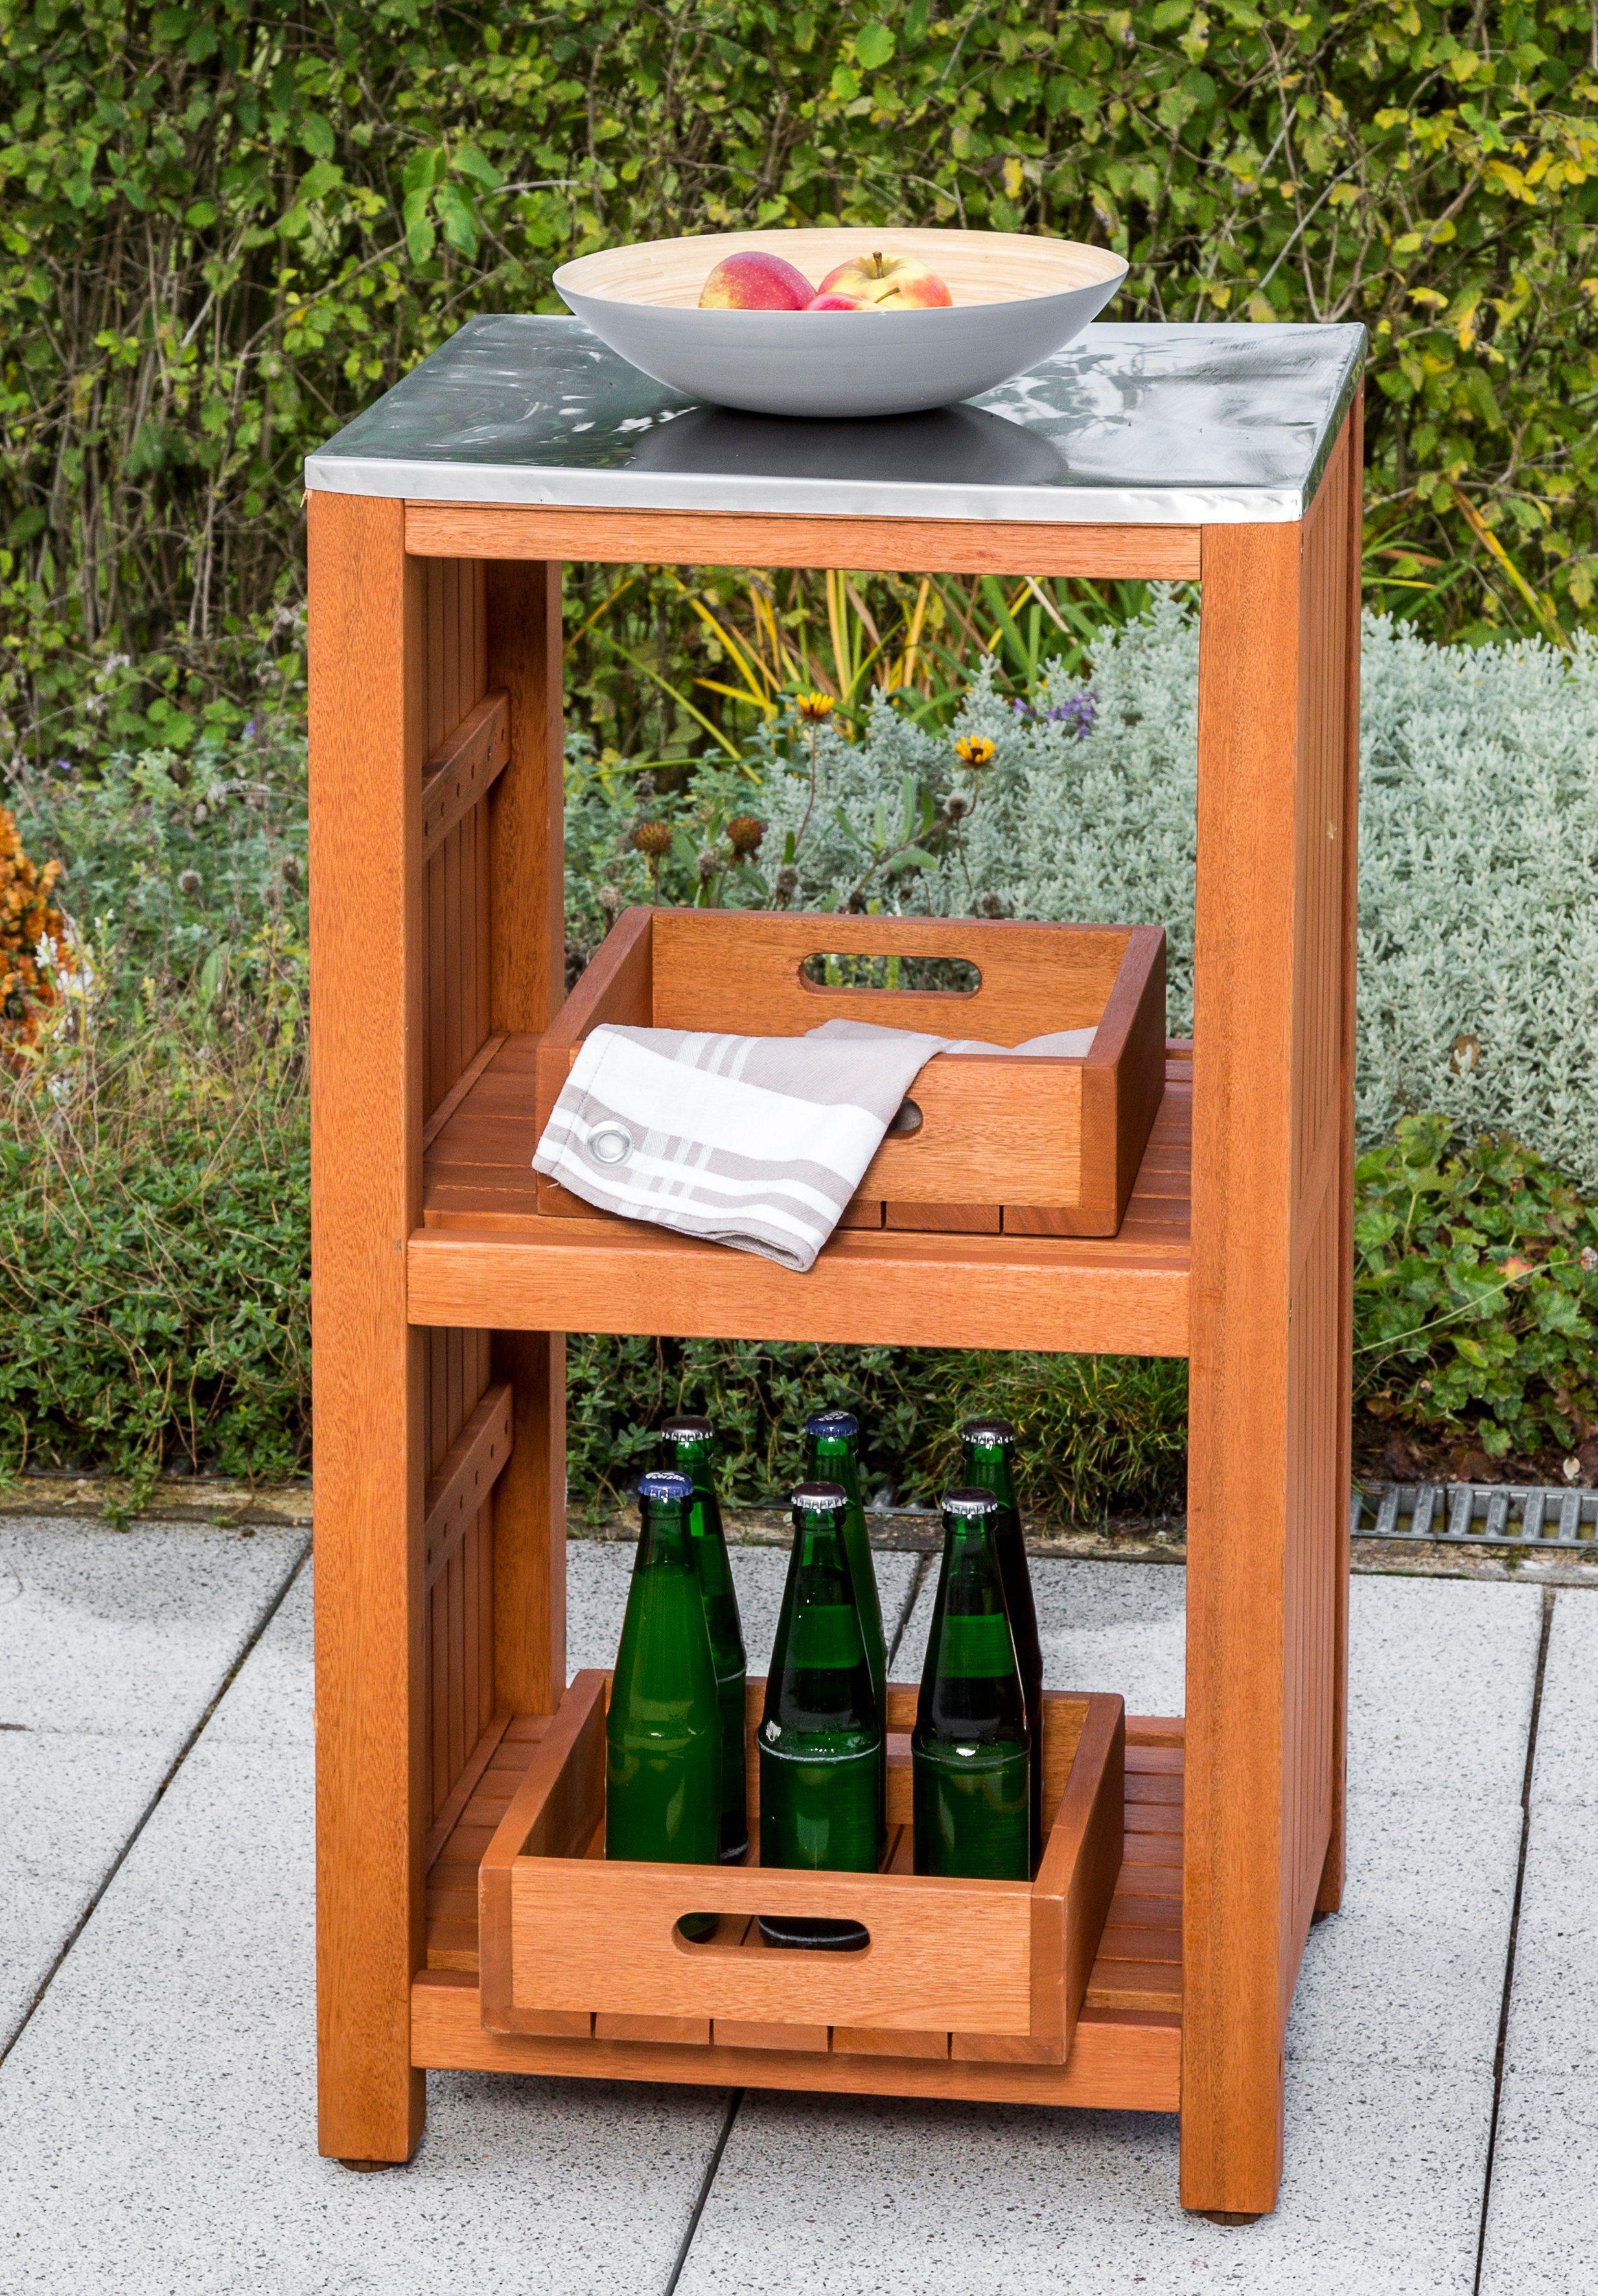 MERXX Gartentisch »Spültisch Sideboard«, Eukalyptus, 46x 56 cm, braun   Garten > Gartenmöbel > Gartentische   Akazie   MERXX